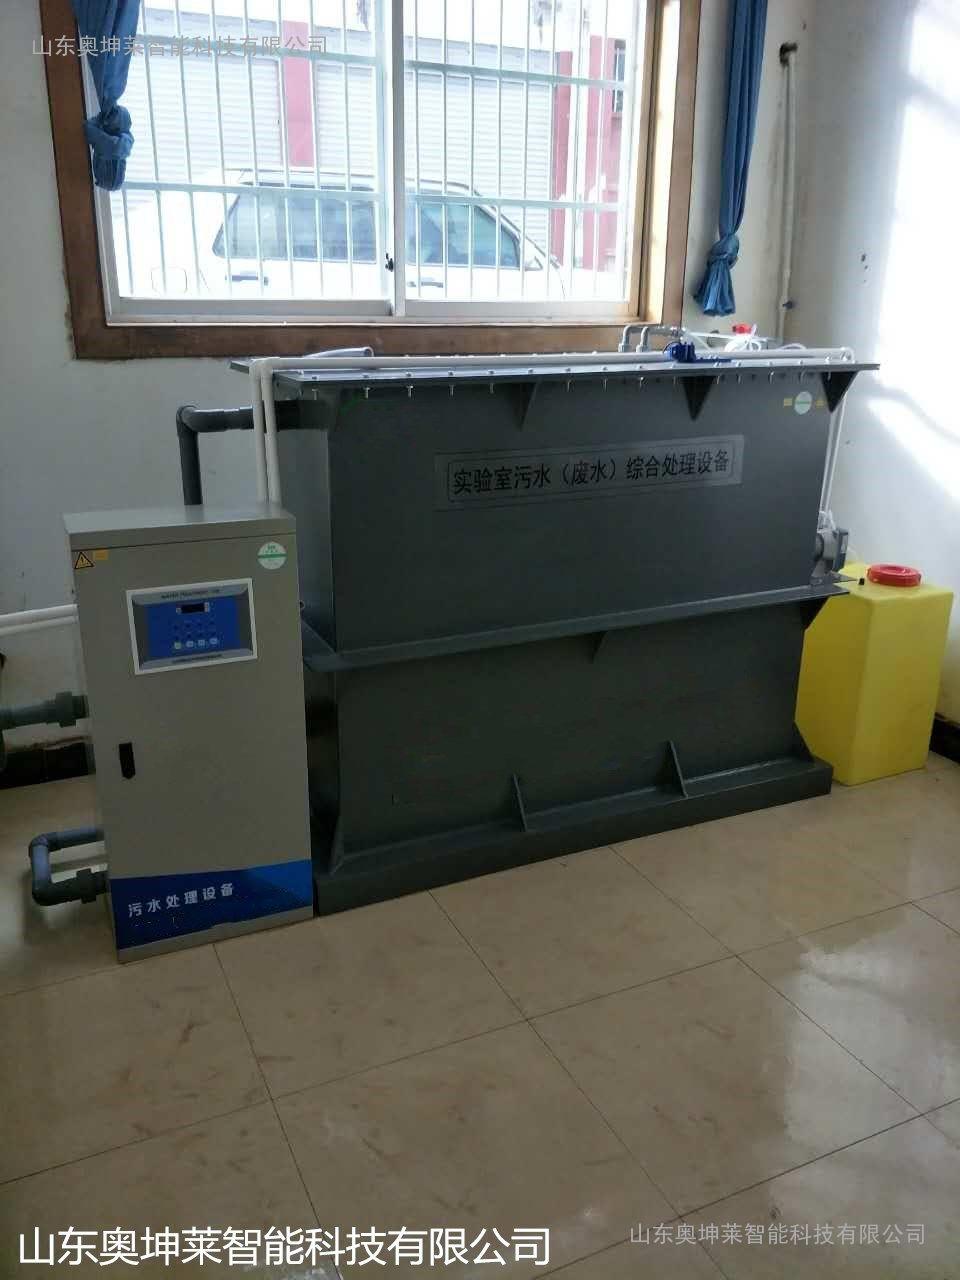 疾控中心废水处理设备调试简单